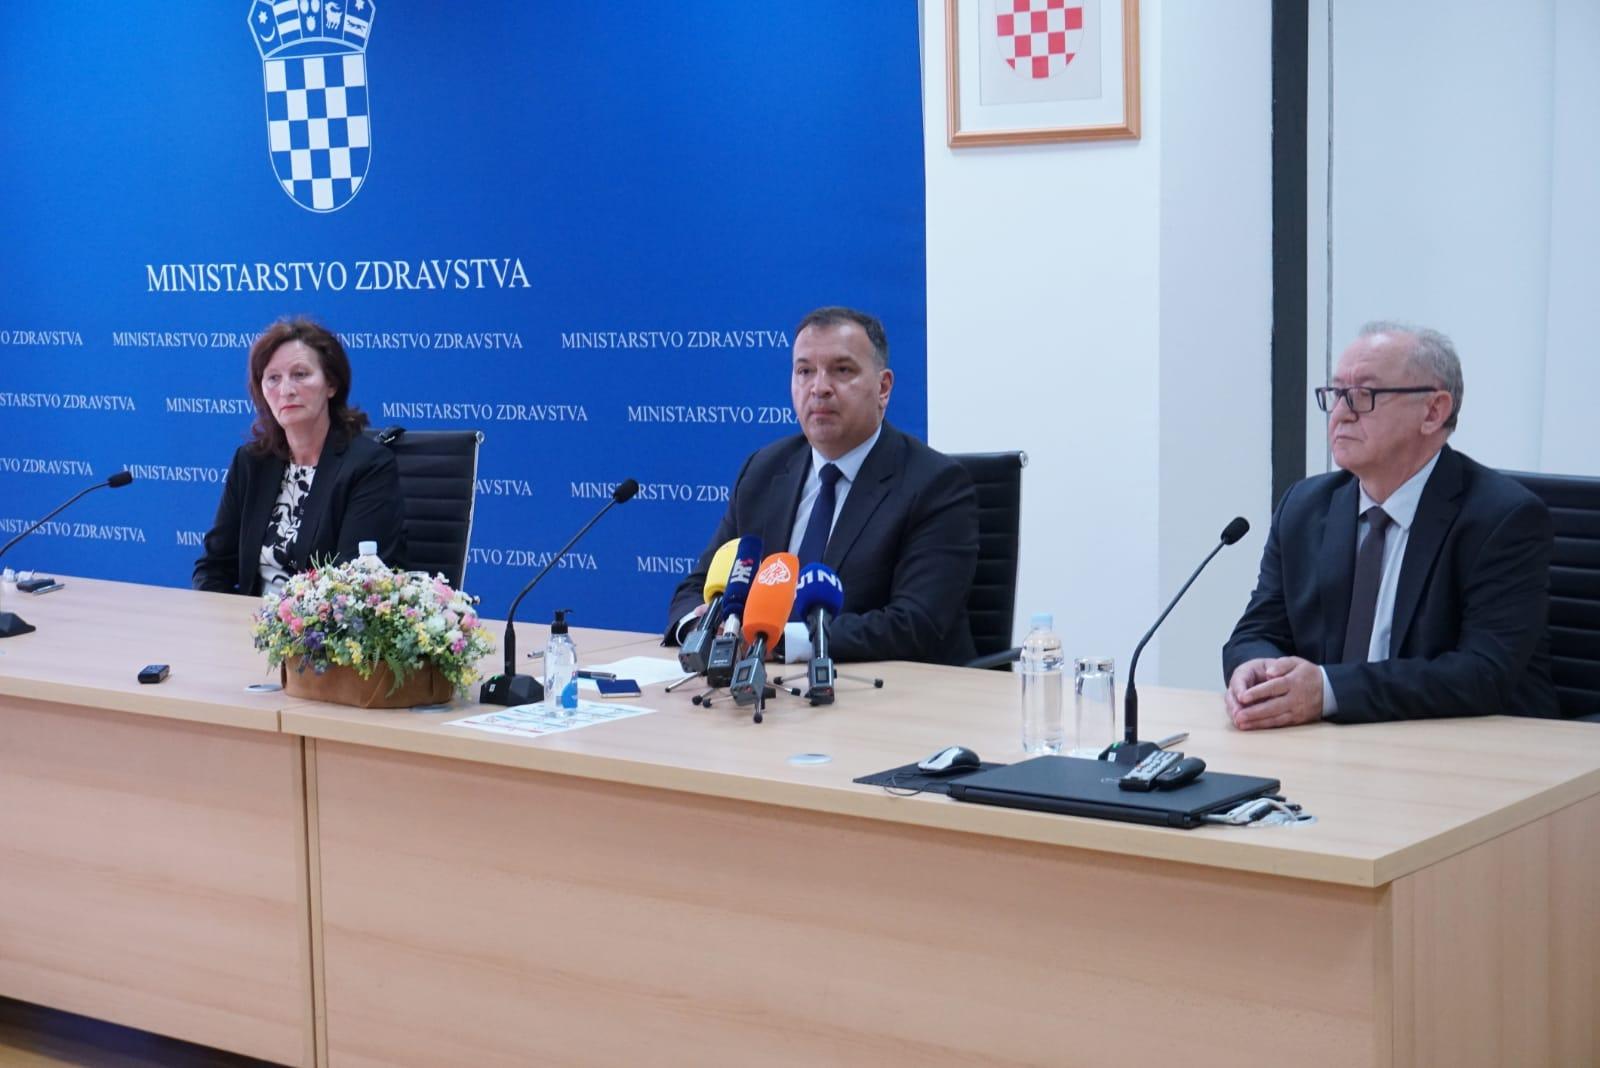 Prof. Vili Beroš naš je novi (stari) ministar